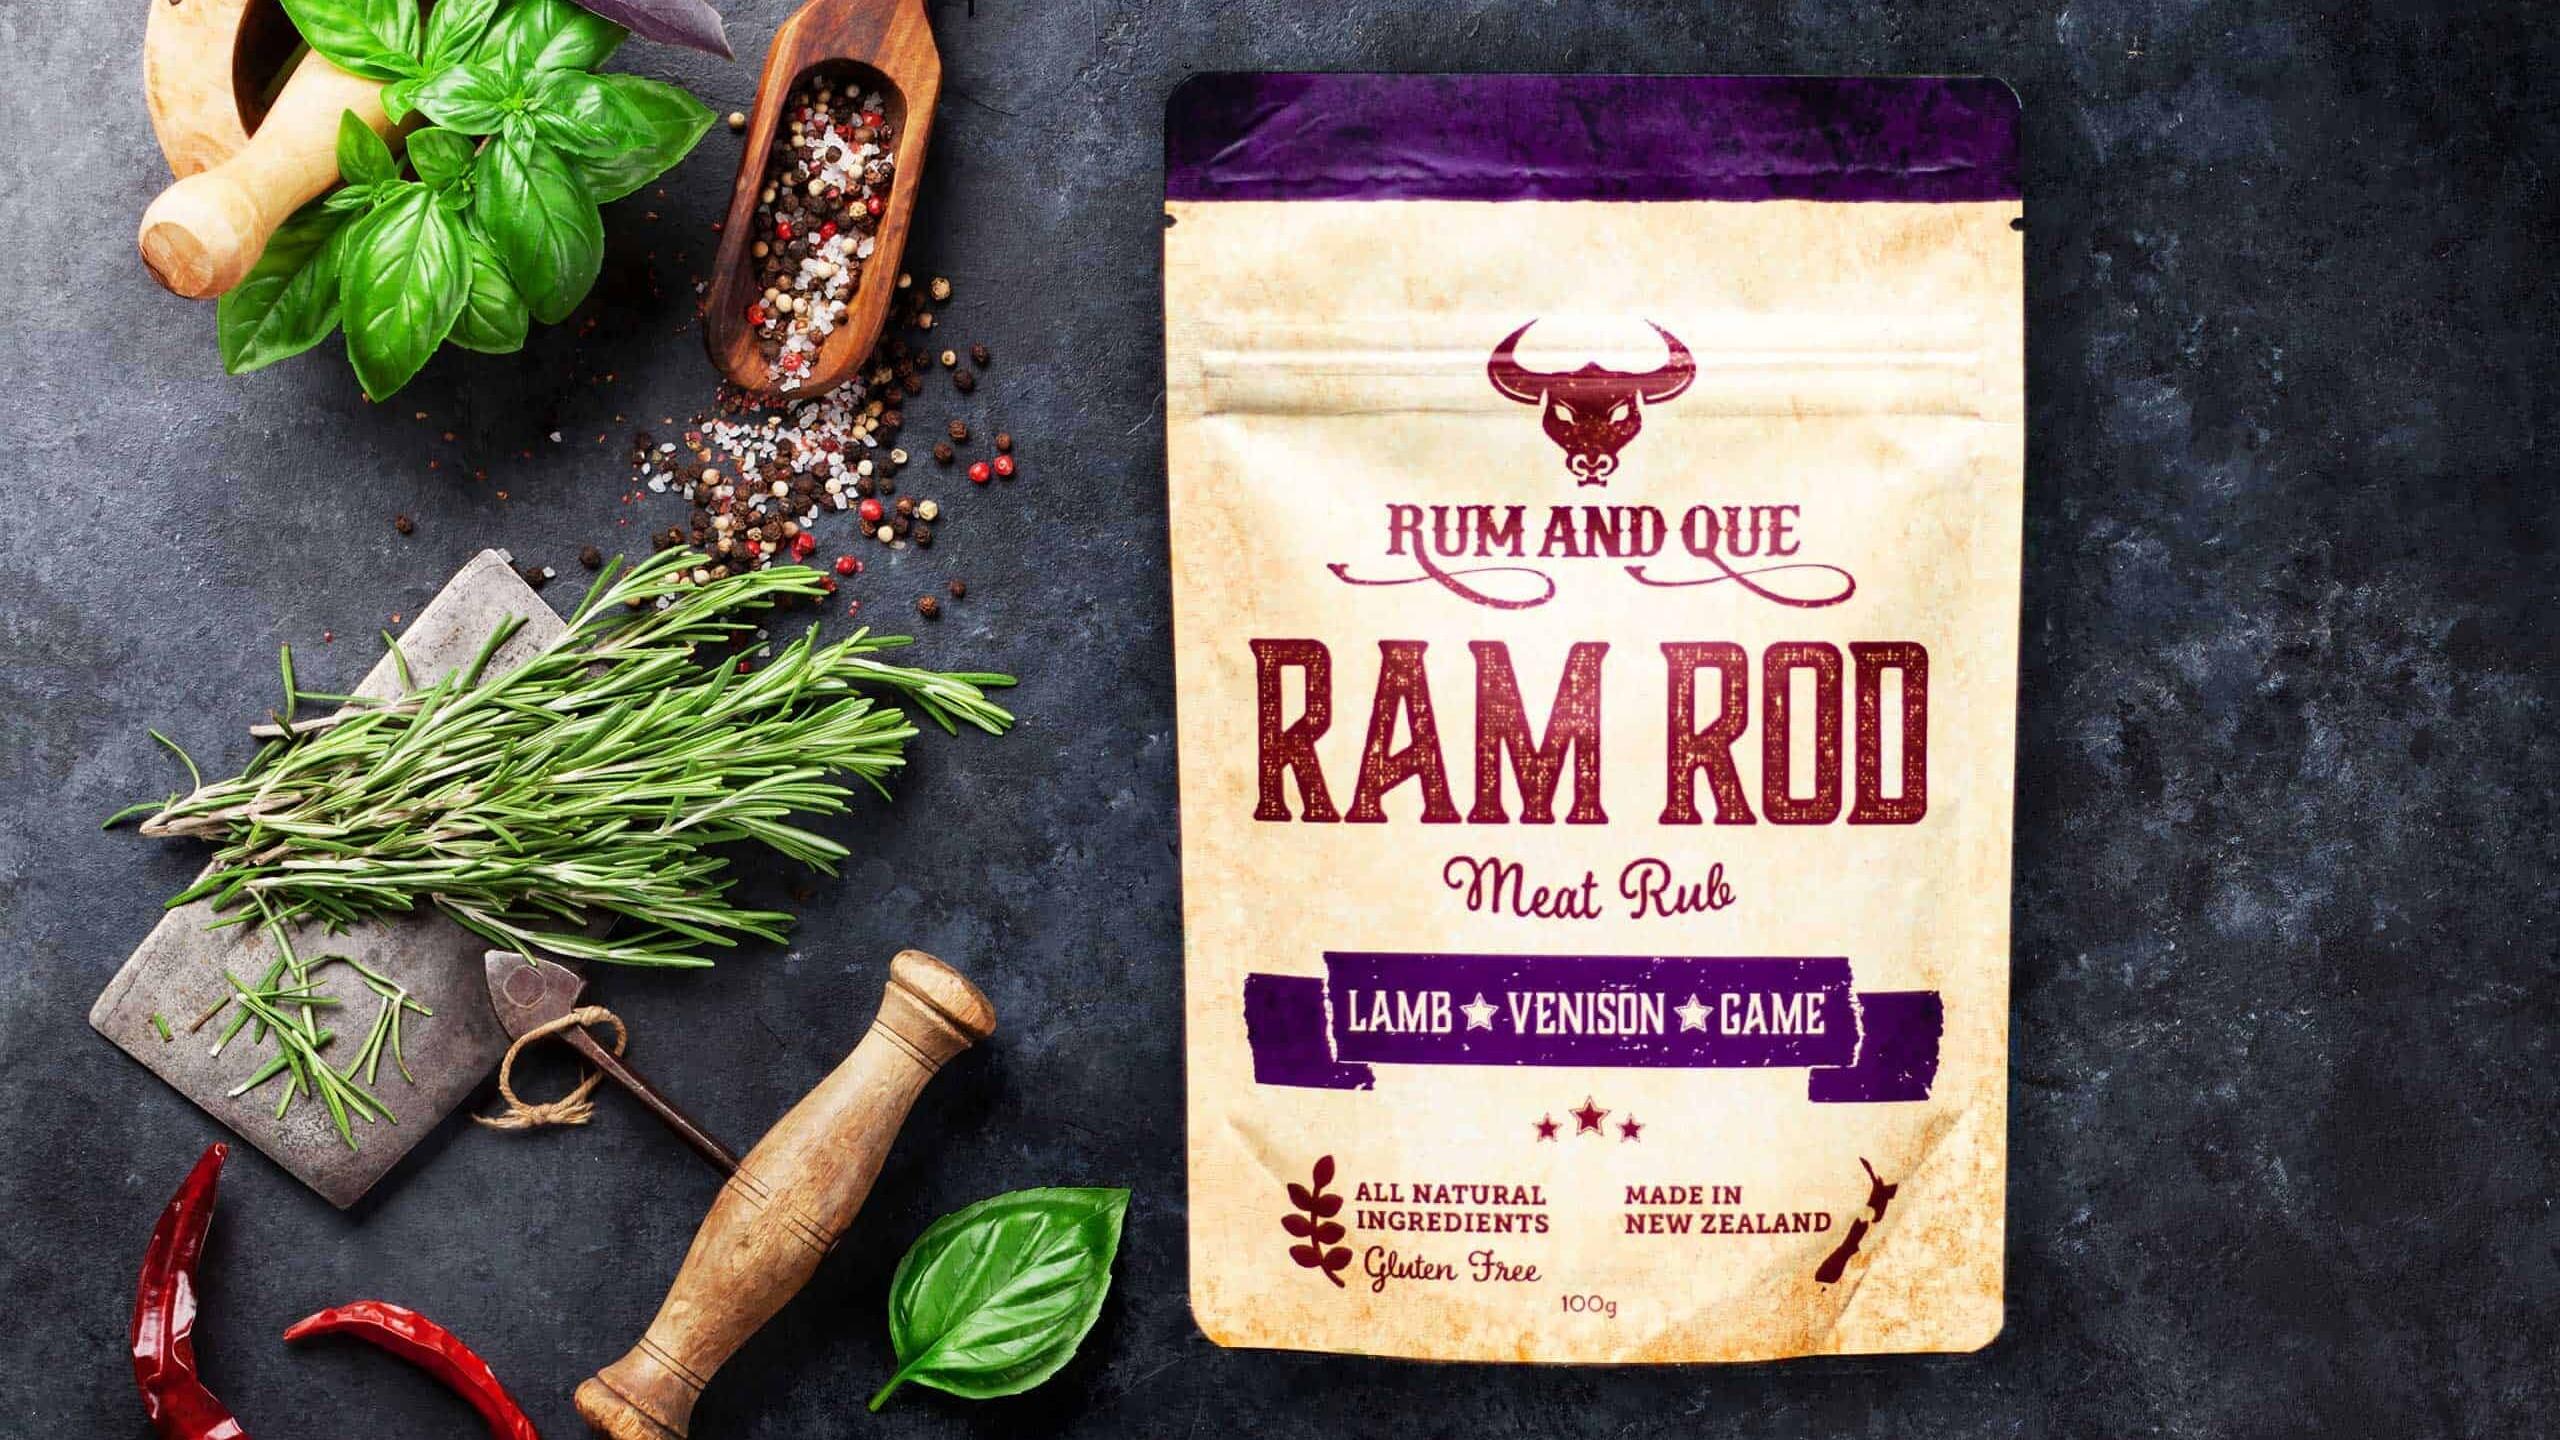 Rum & Que Ram Rod Meat Rub